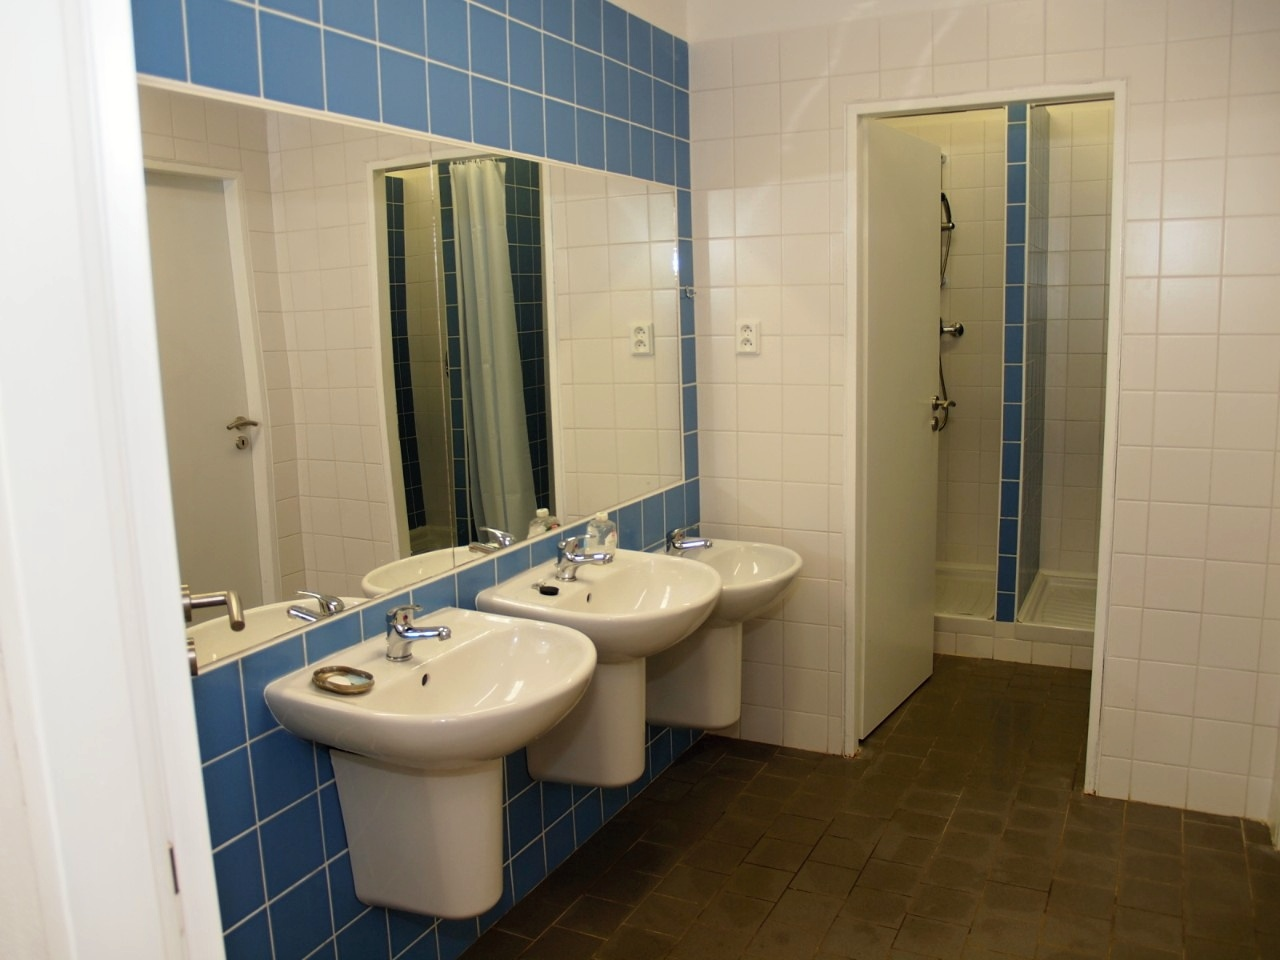 Koupelna a umyvadla (chlapci)